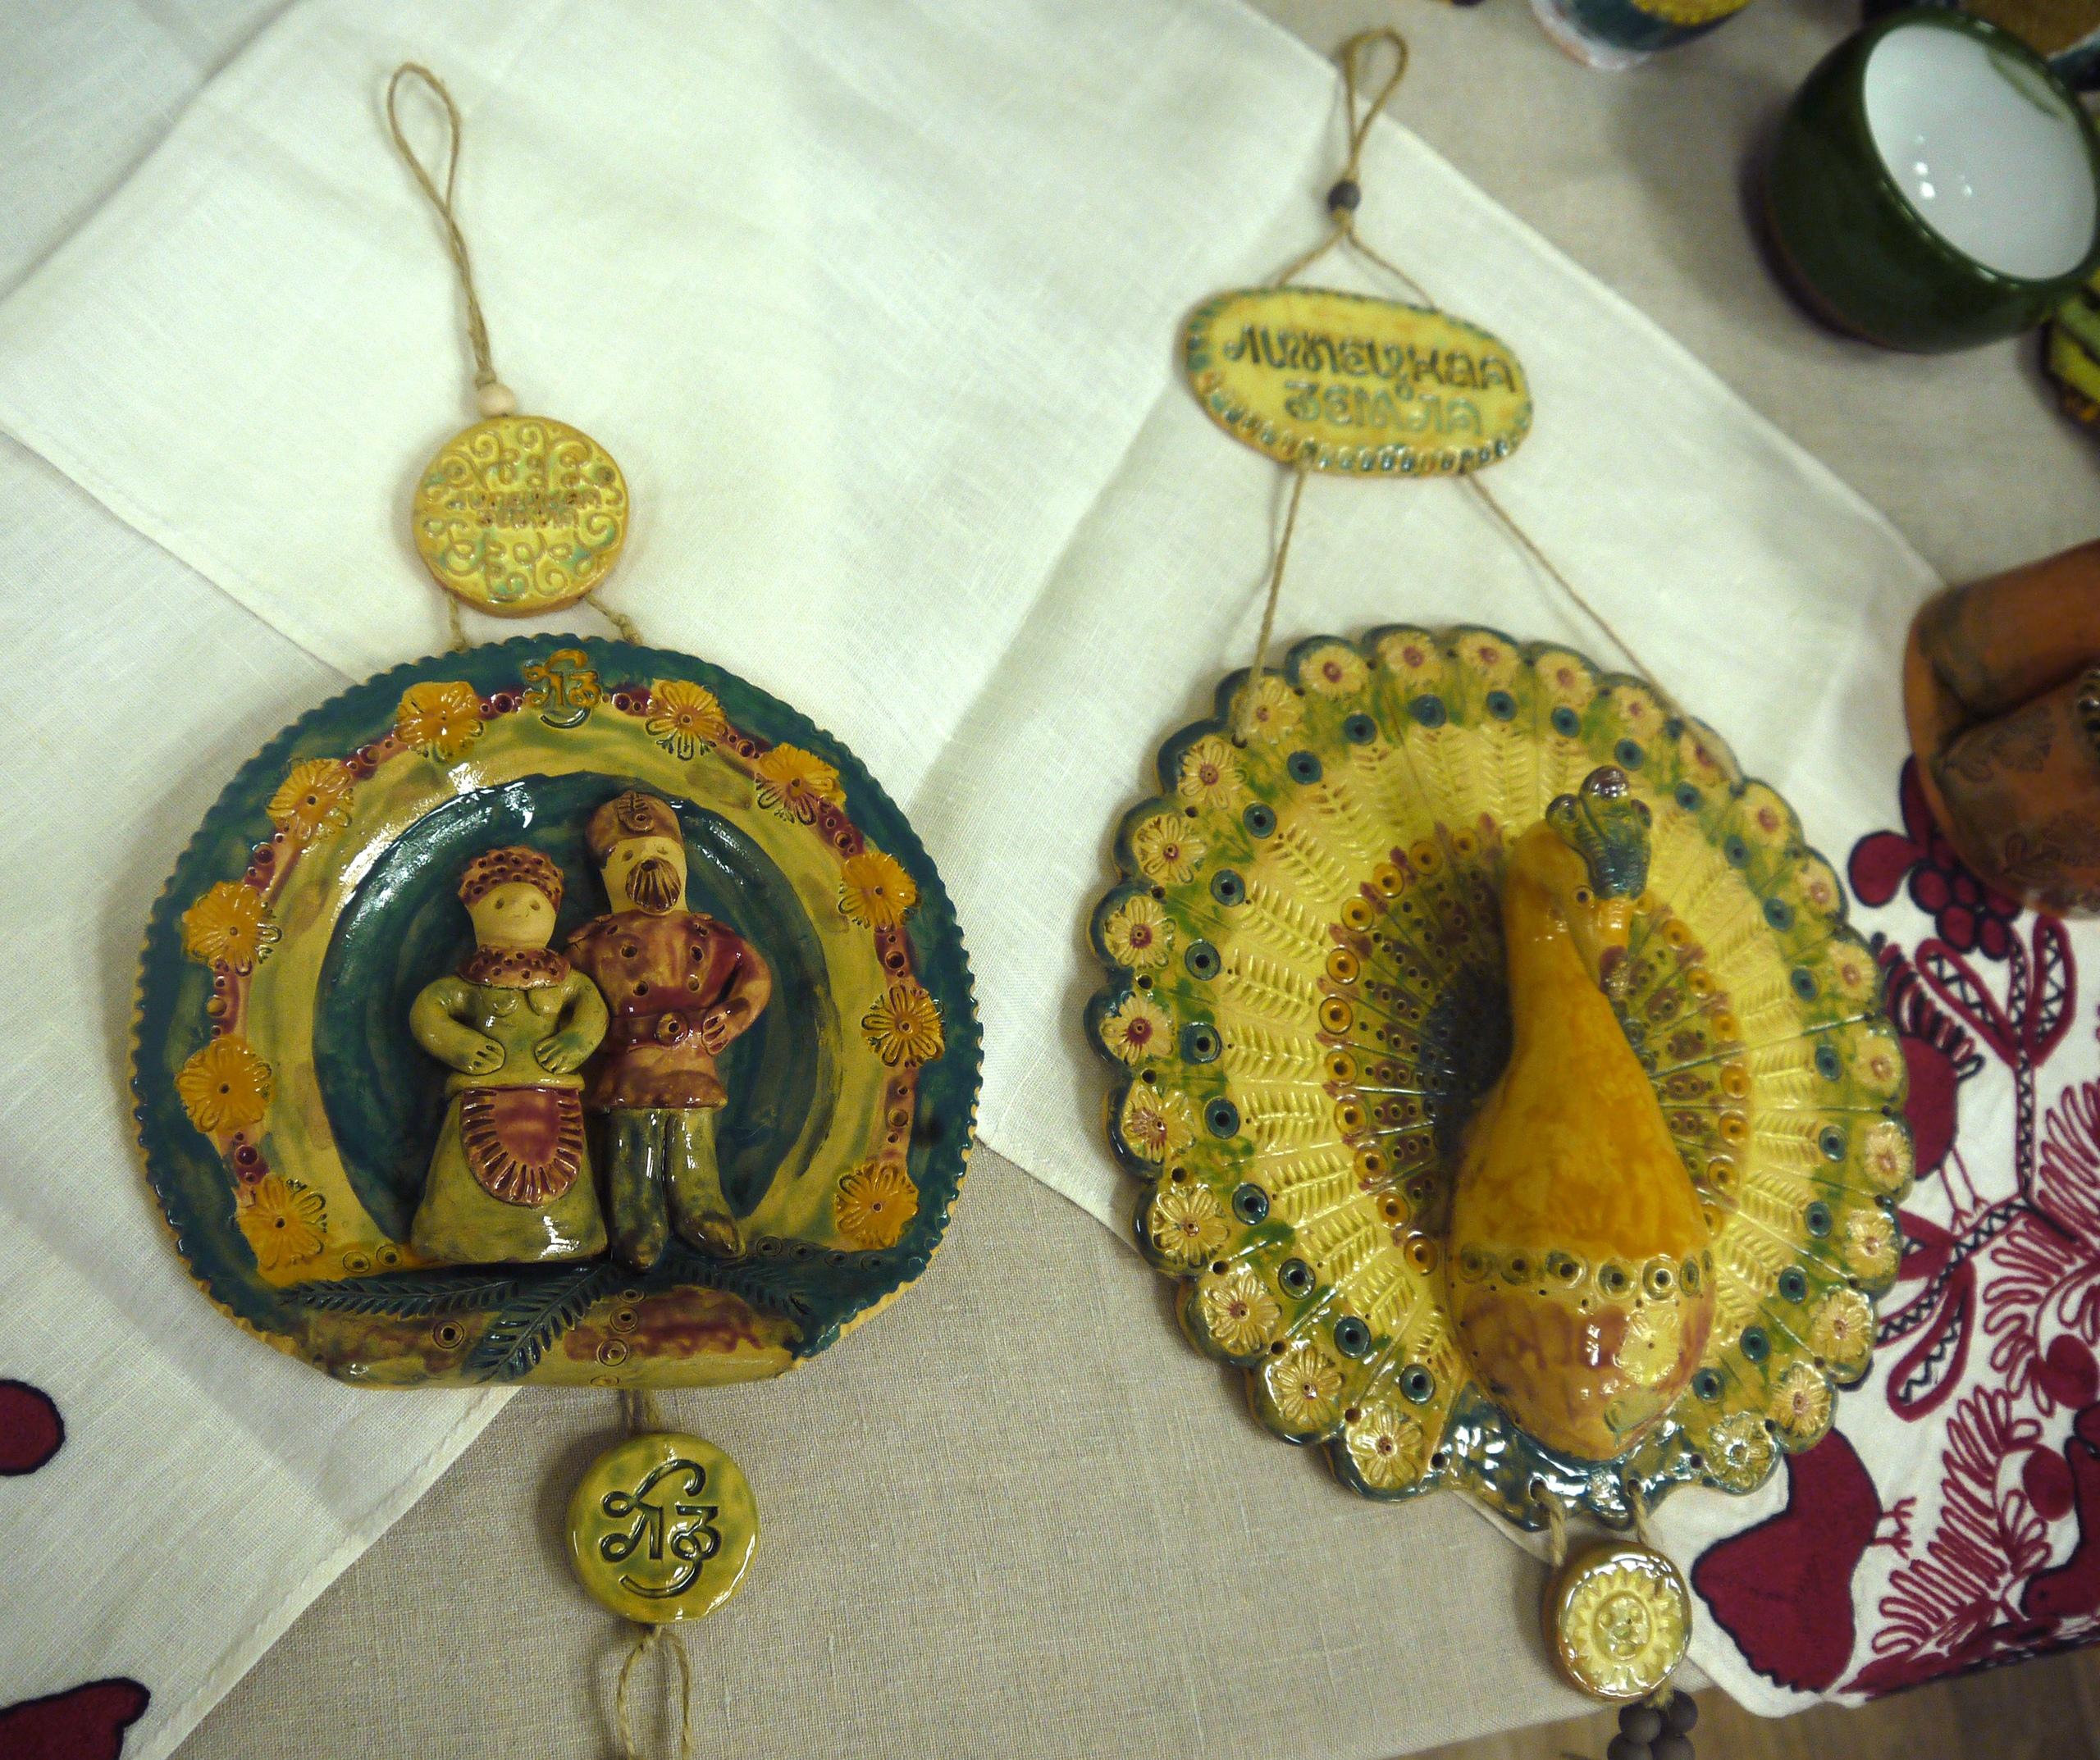 Мастера романовской игрушки и предприниматели поговорили о том, как сделать народный промысел туристским сувениром — Изображение 1